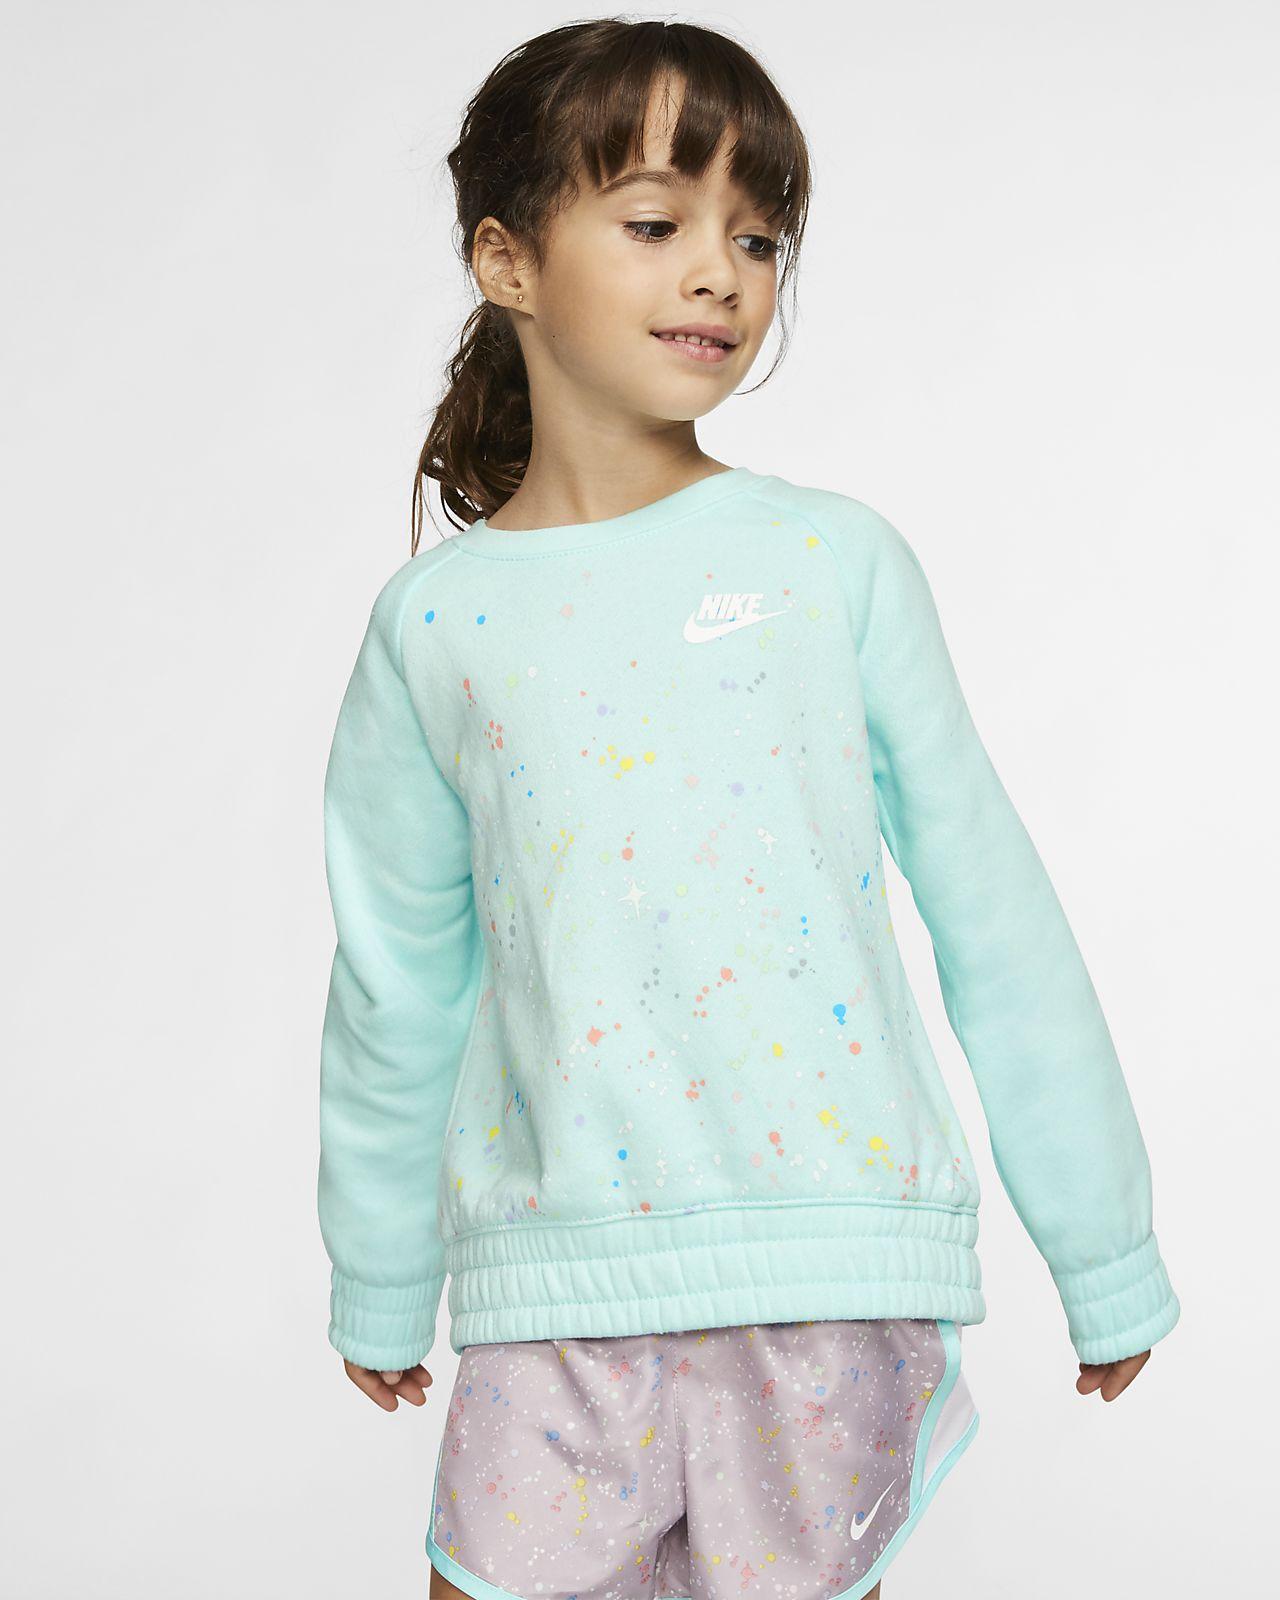 Nike Sportswear 幼童长袖圆领上衣